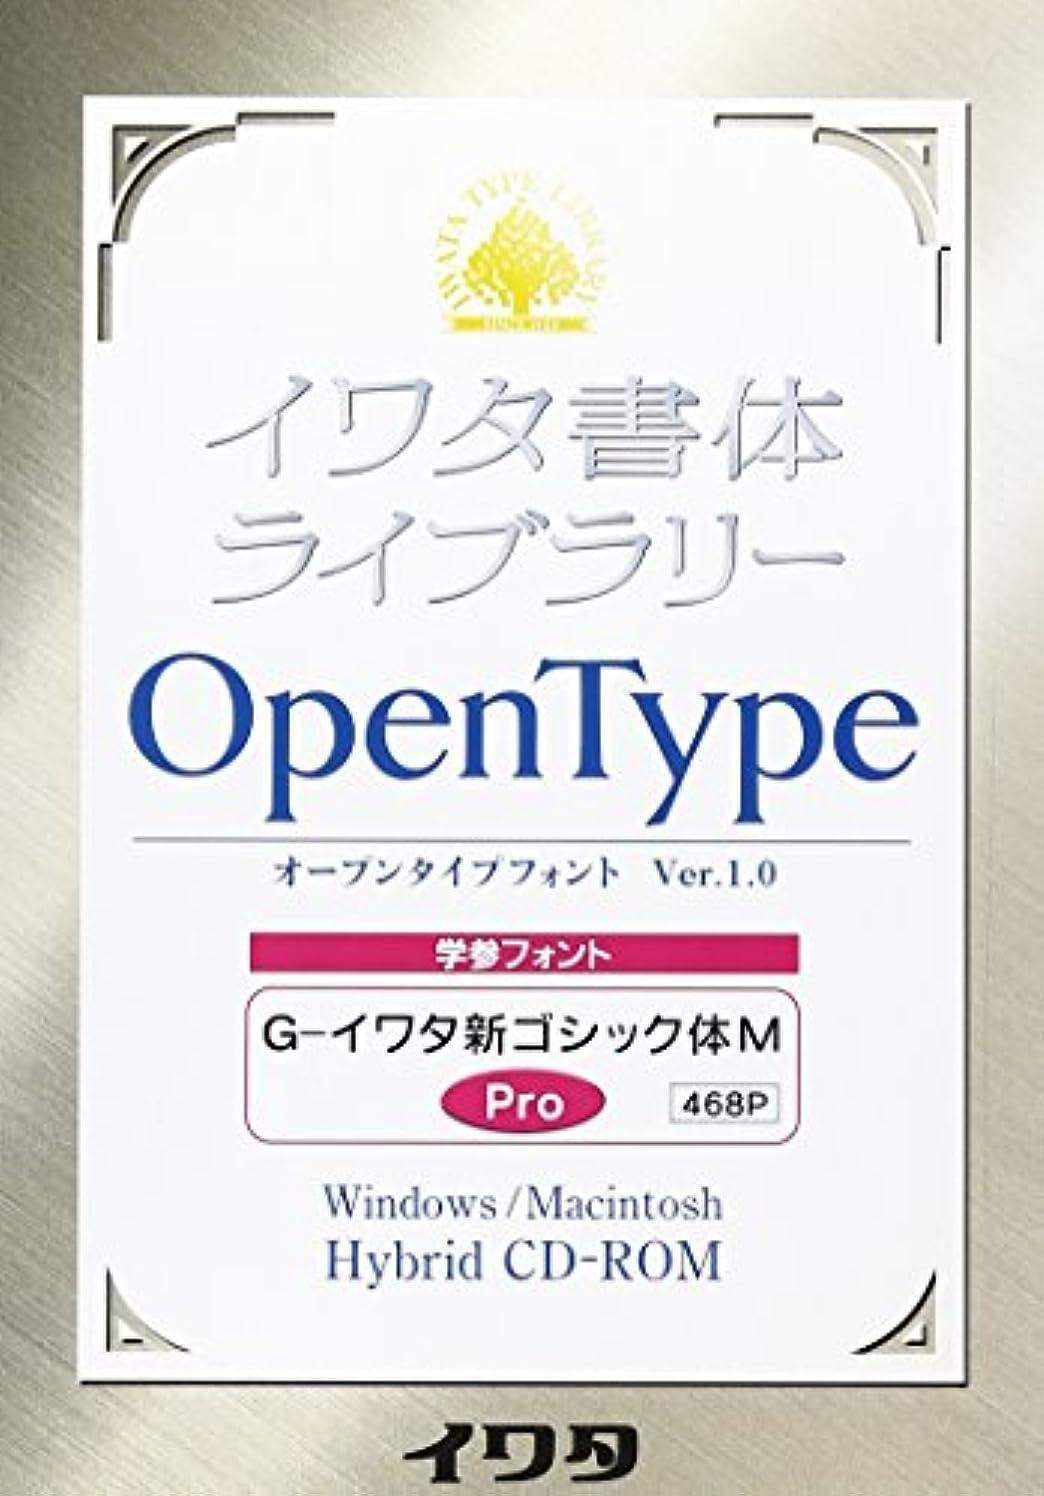 財政ちなみにオートイワタ書体ライブラリーOpenType(Pro版)G-イワタ新ゴシック体M